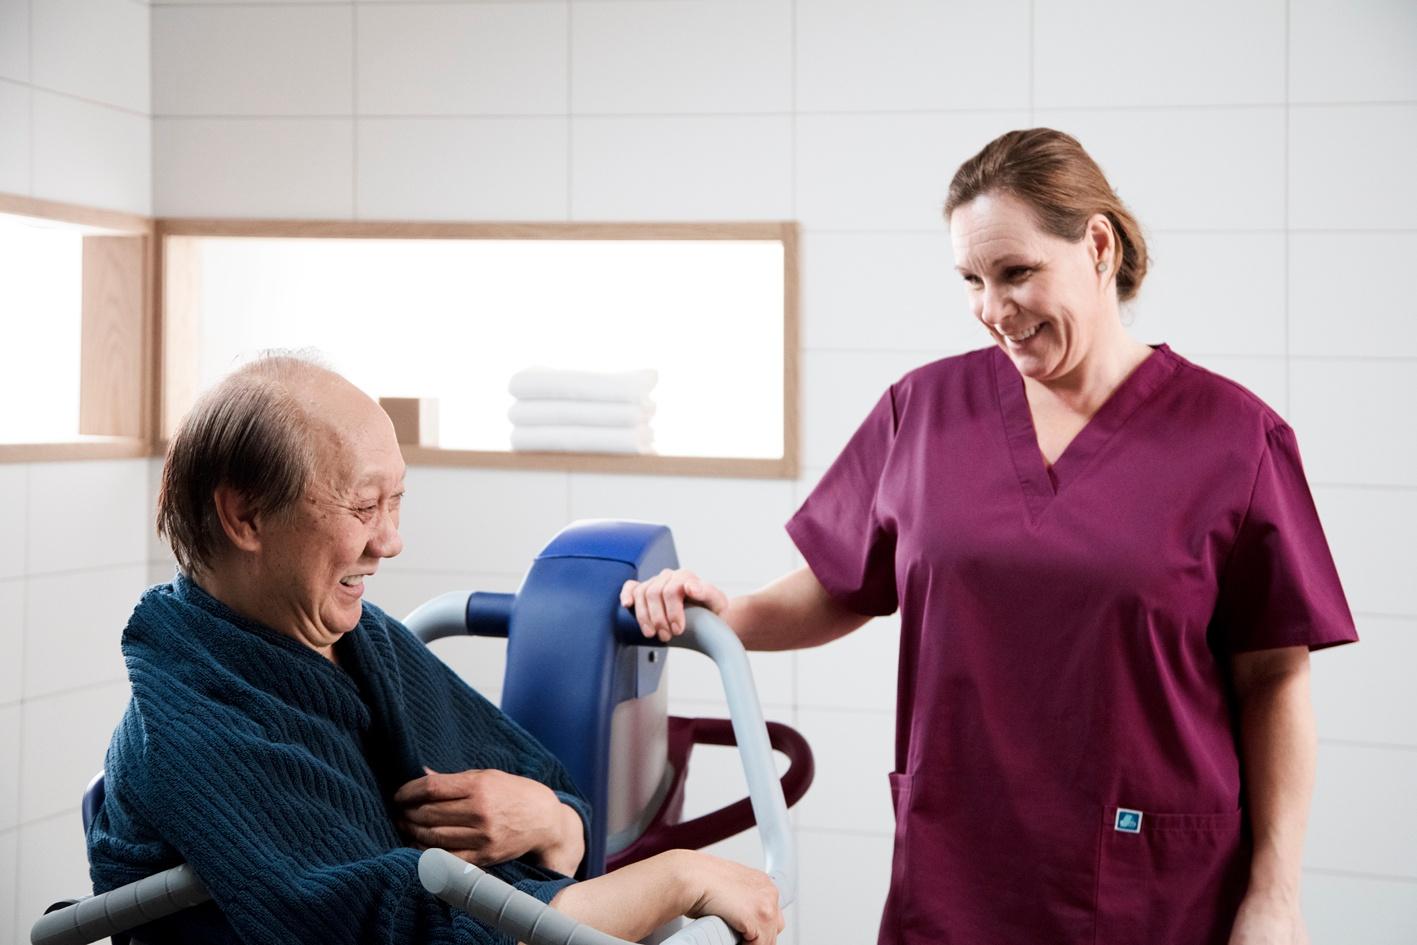 Planifier les établissements de soins de santé pour la mobilité et la flexibilité